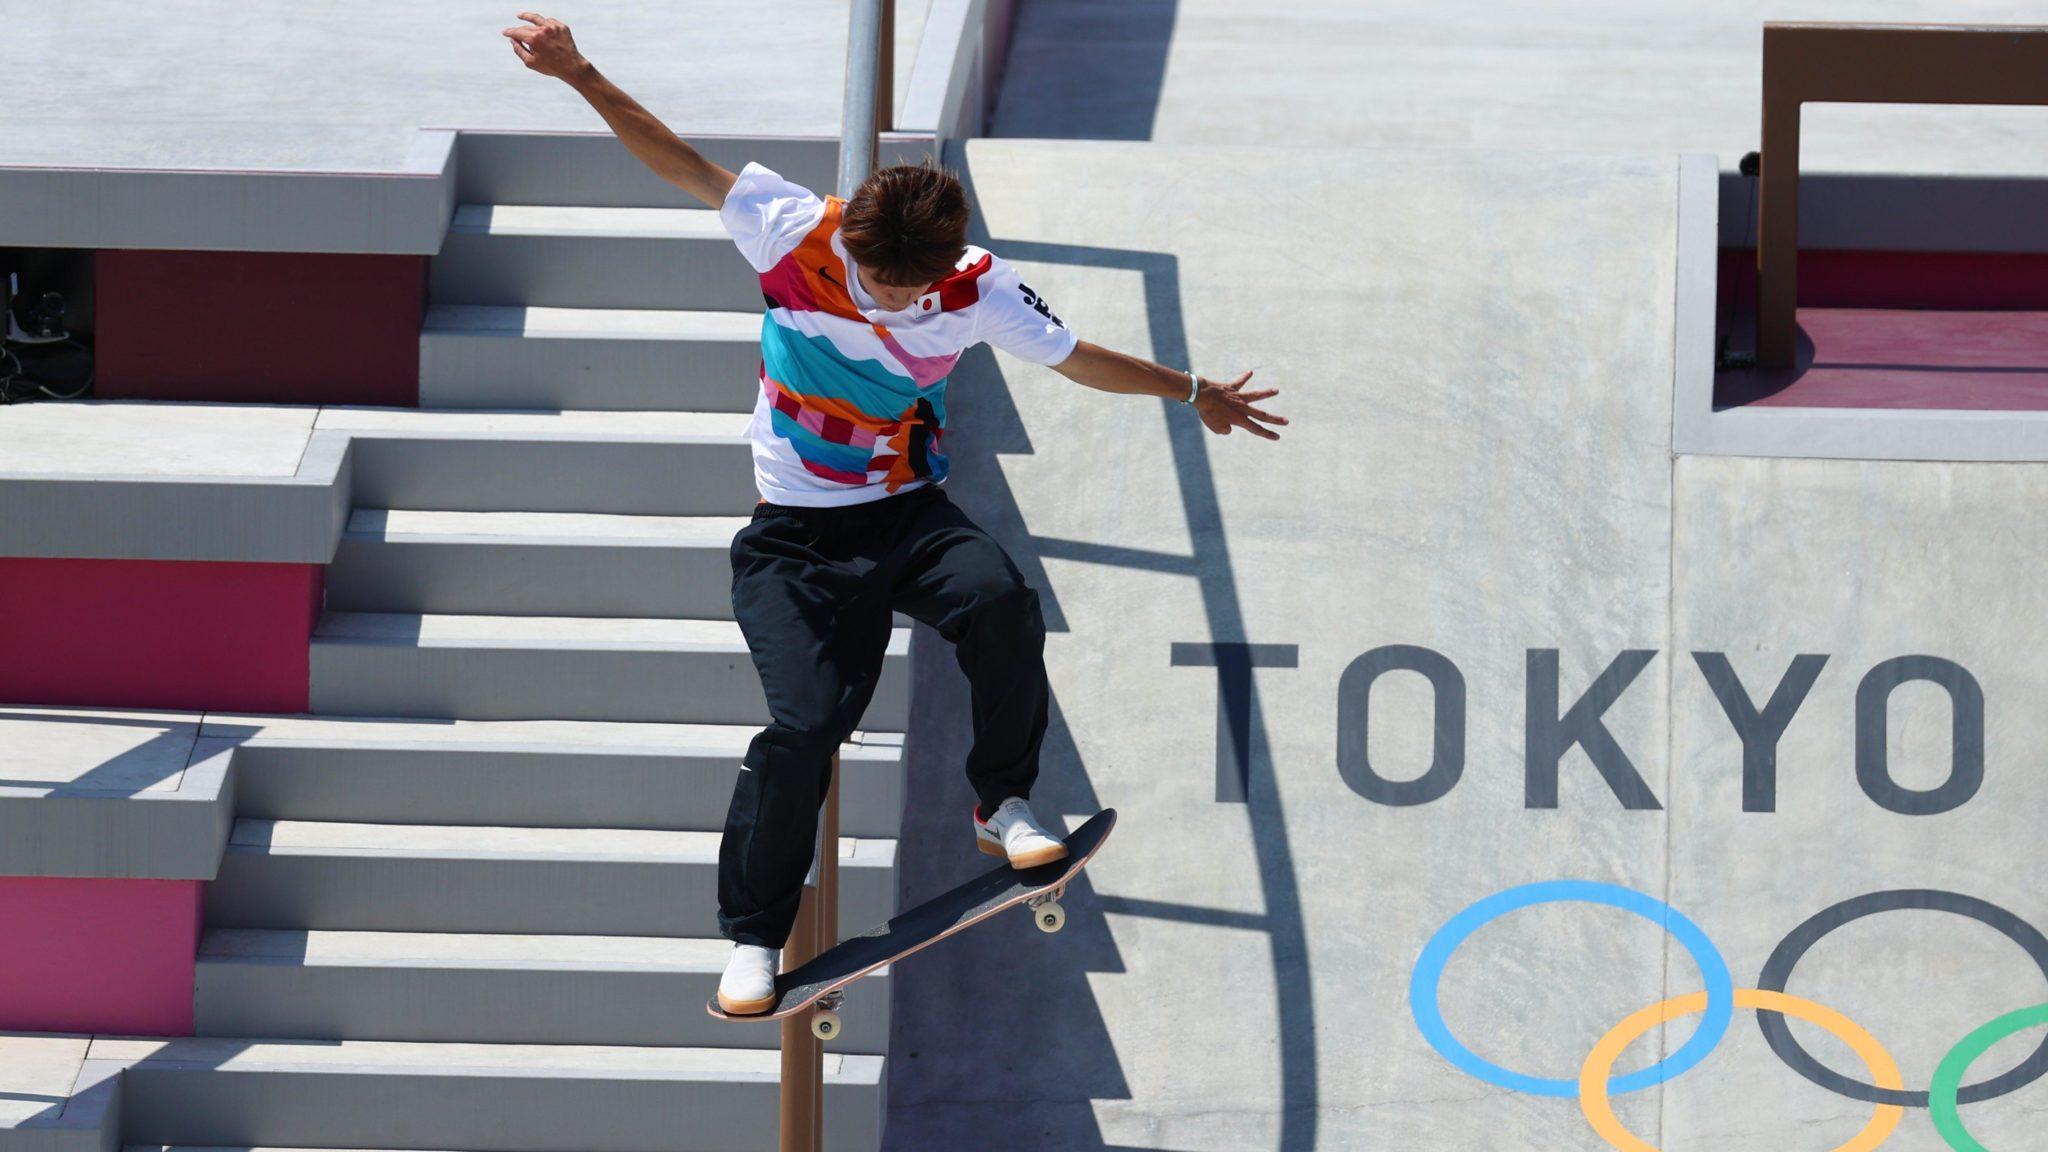 skateboarding olympics - photo #6